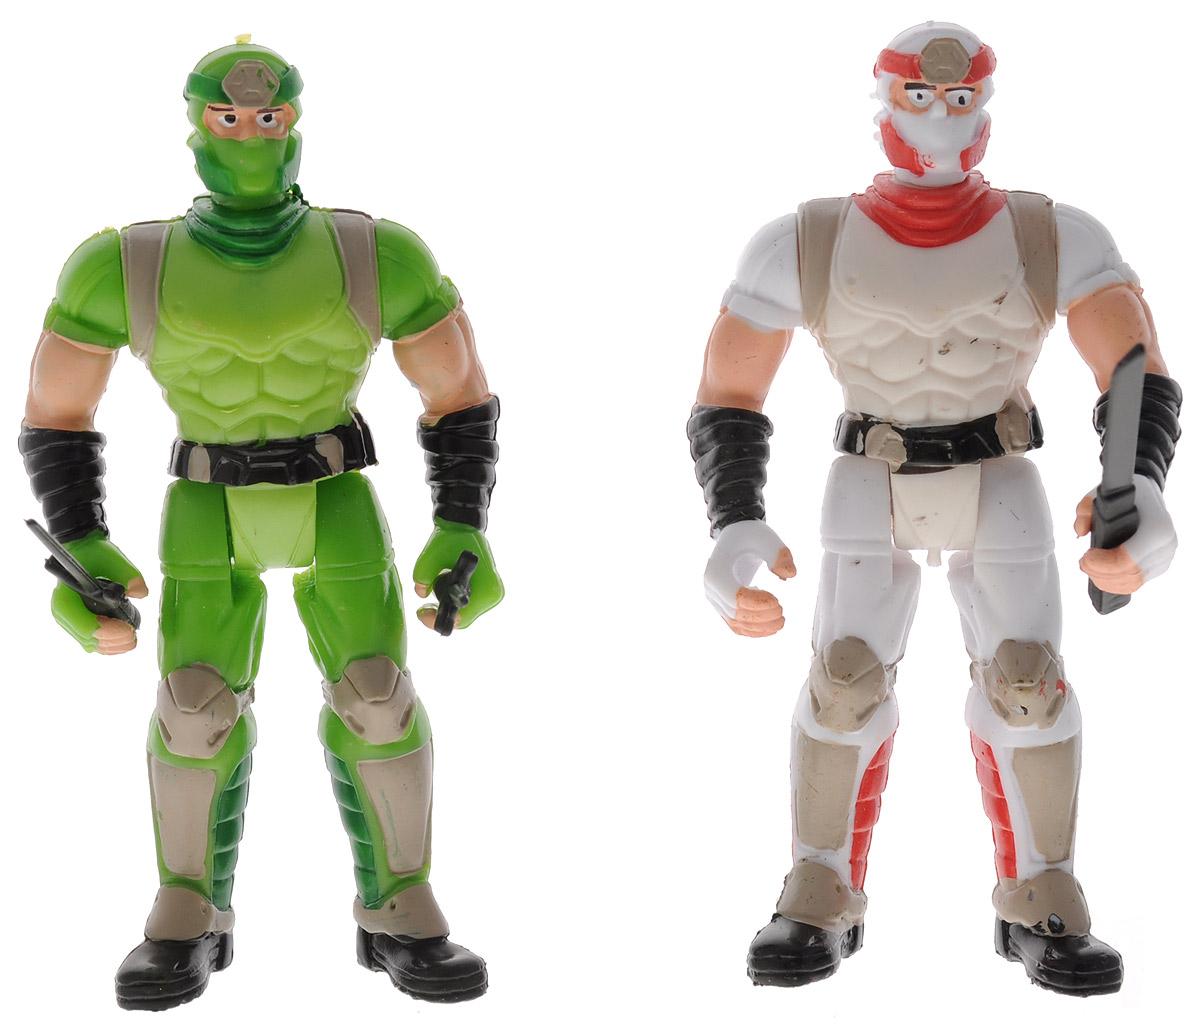 Manley Фигурки Ninja Battle цвет зеленый белый59222_белый, зеленыйФигурки Ninja Battle из прочного пластика представлены в зеленом и белом цвете. Фигурки представляют собой двух ниндзя в масках и боевой экипировке. Руки, ноги и голова у фигурок подвижны. В наборе имеется 14 видов разнообразного оружия, которое можно использовать в схватках с врагами. Ваш ребенок с удовольствием разнообразит свои игры фигурками Ninja Battle.